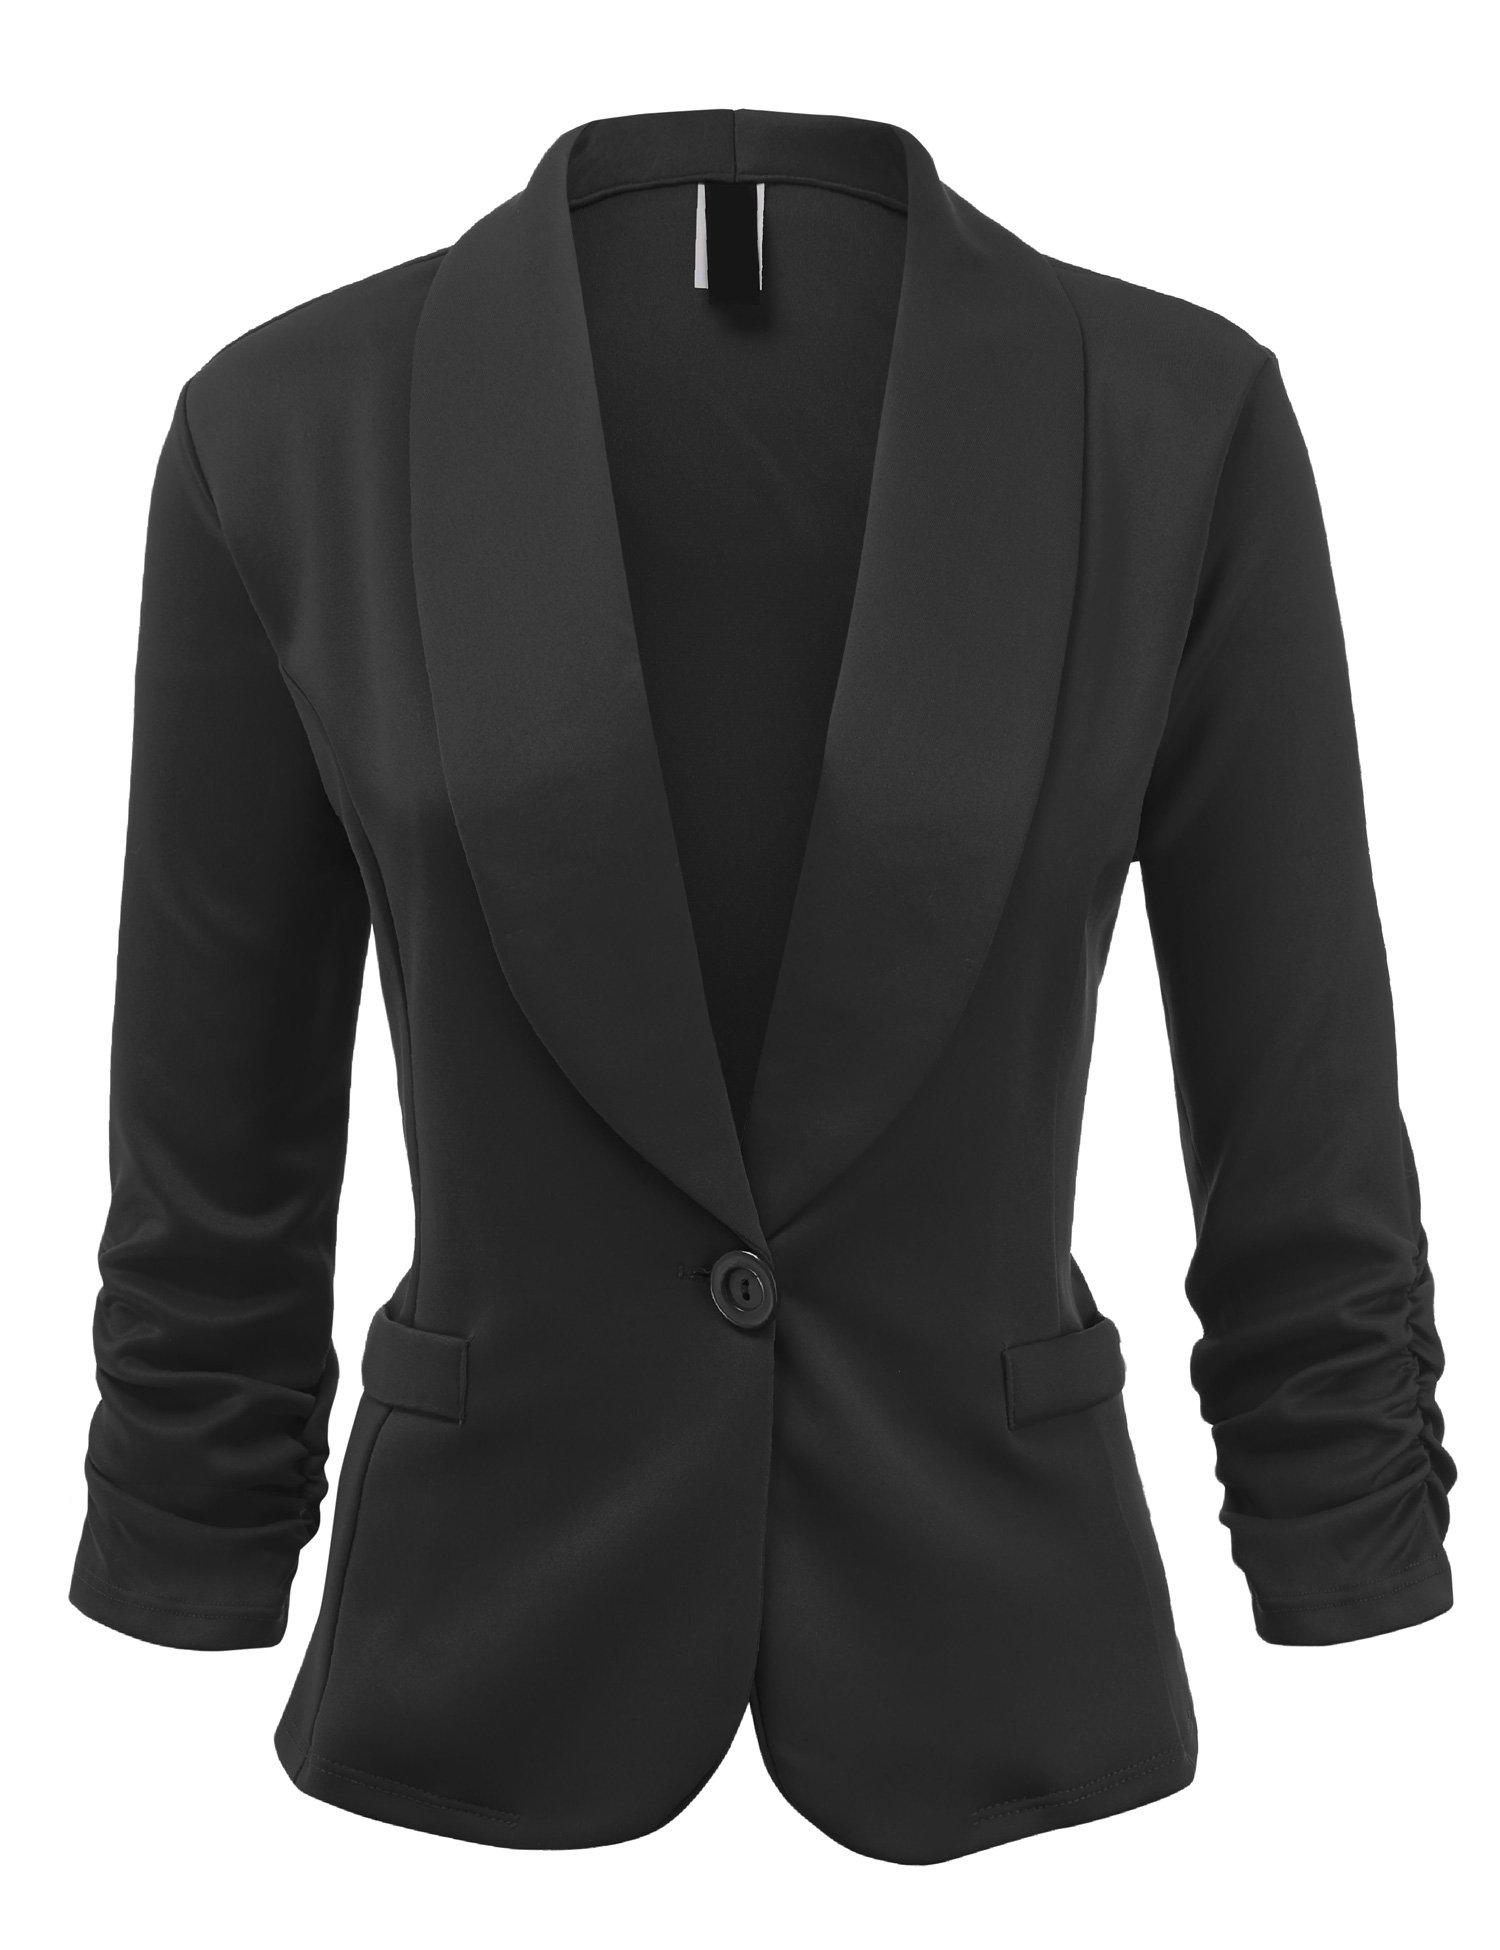 UUWJC1006 Womens Plus Size Solid One Button Waist Length Blazer Jacket 1X BLACK